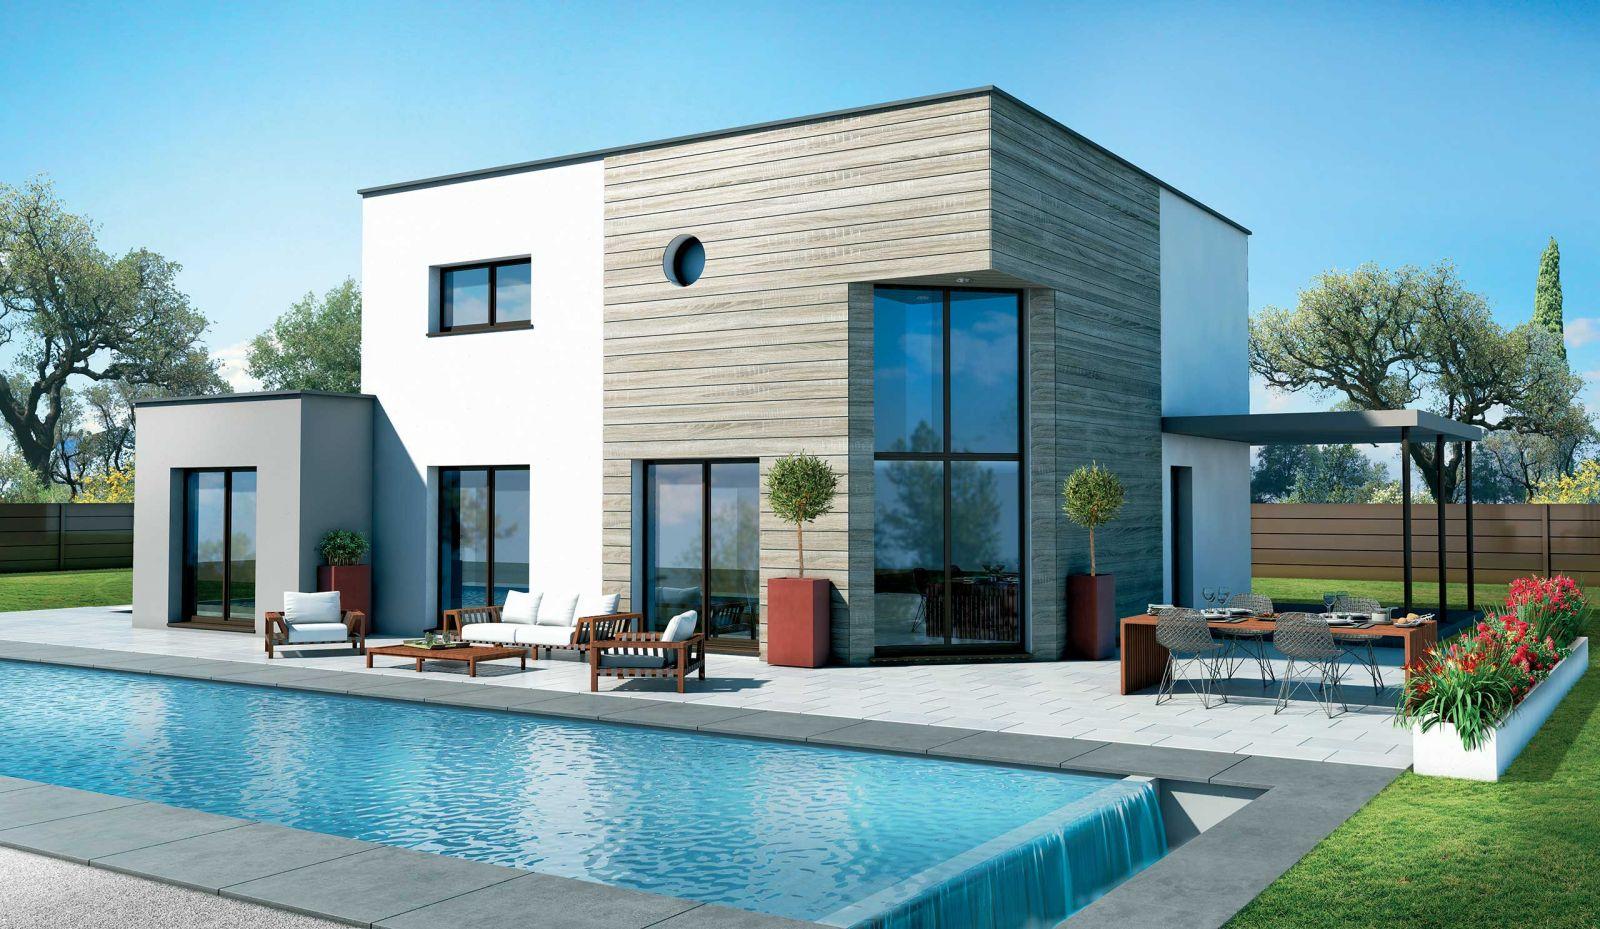 Maison de 140 m² habitable + abris voiture de 17 m² + terrain viabilisé et bornés de 580 m² au Haillan 33185